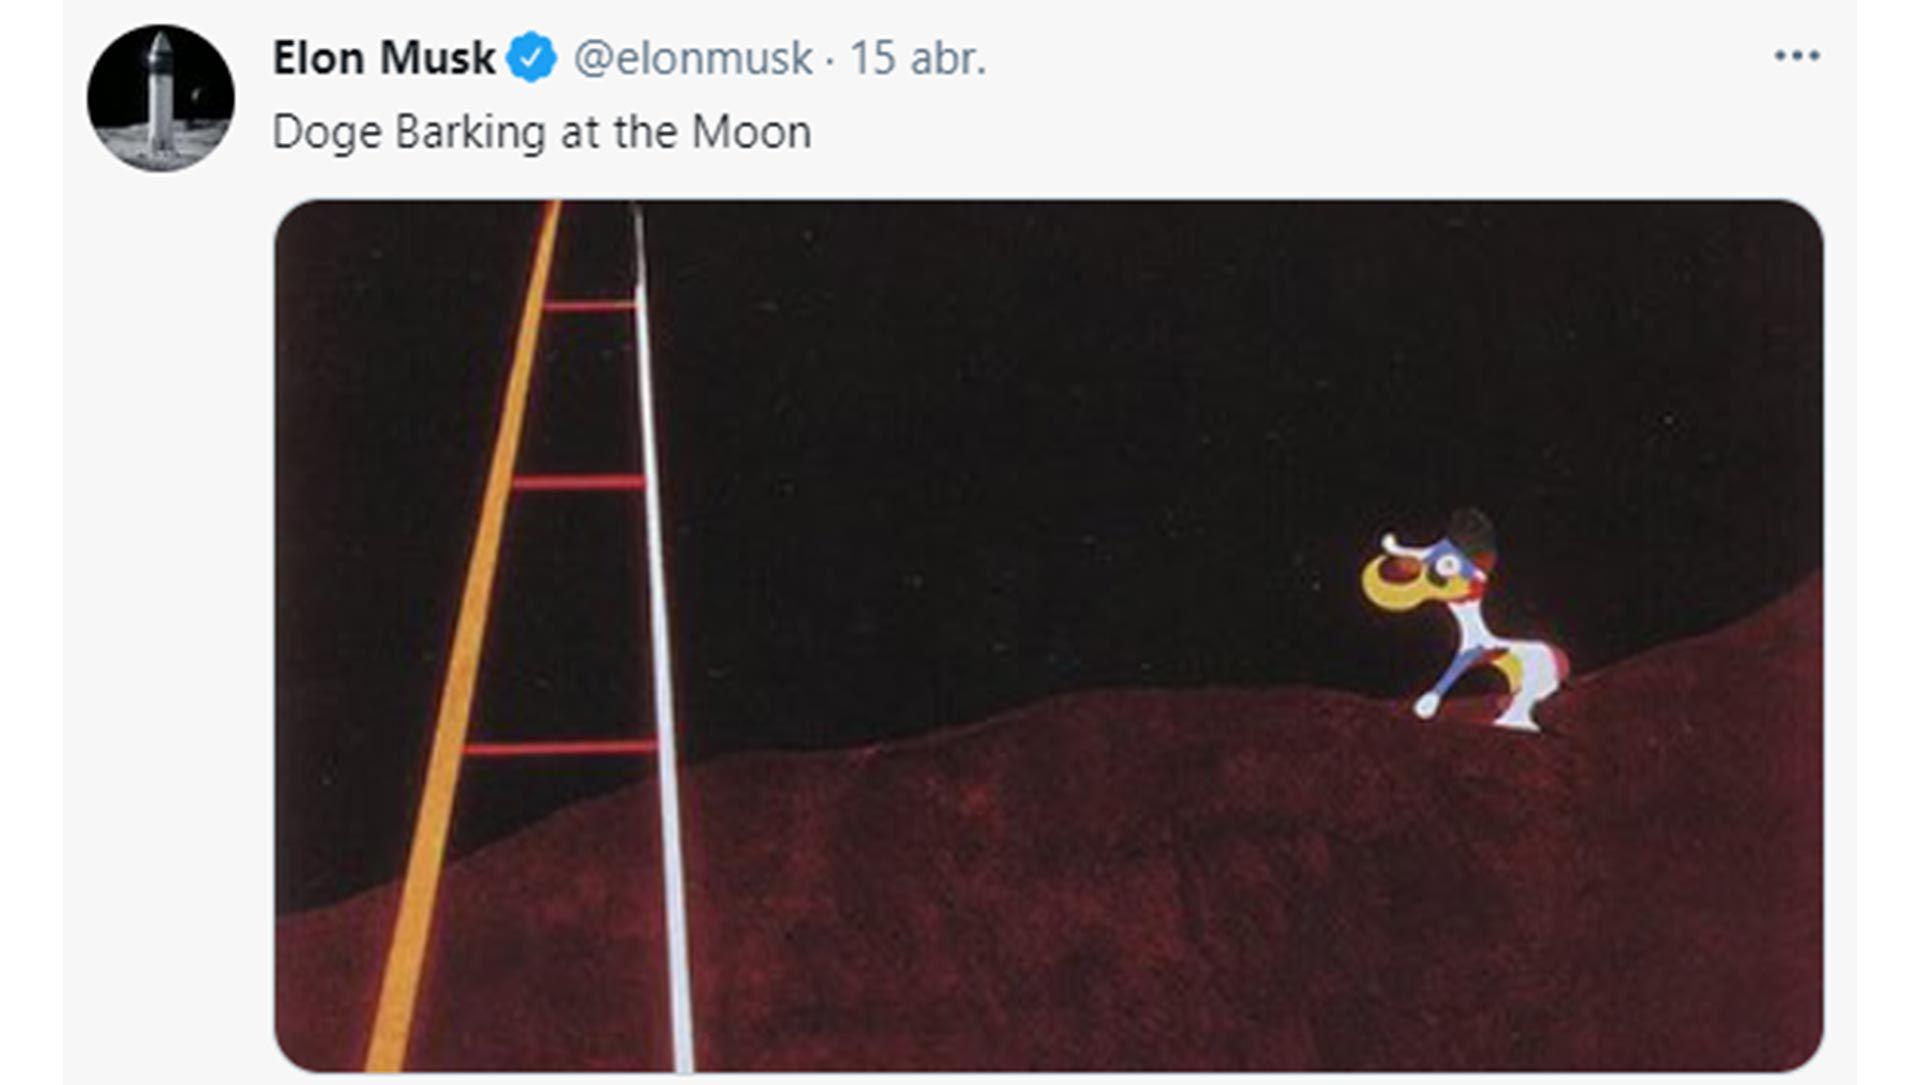 Elon Musk sobre el dogecoin